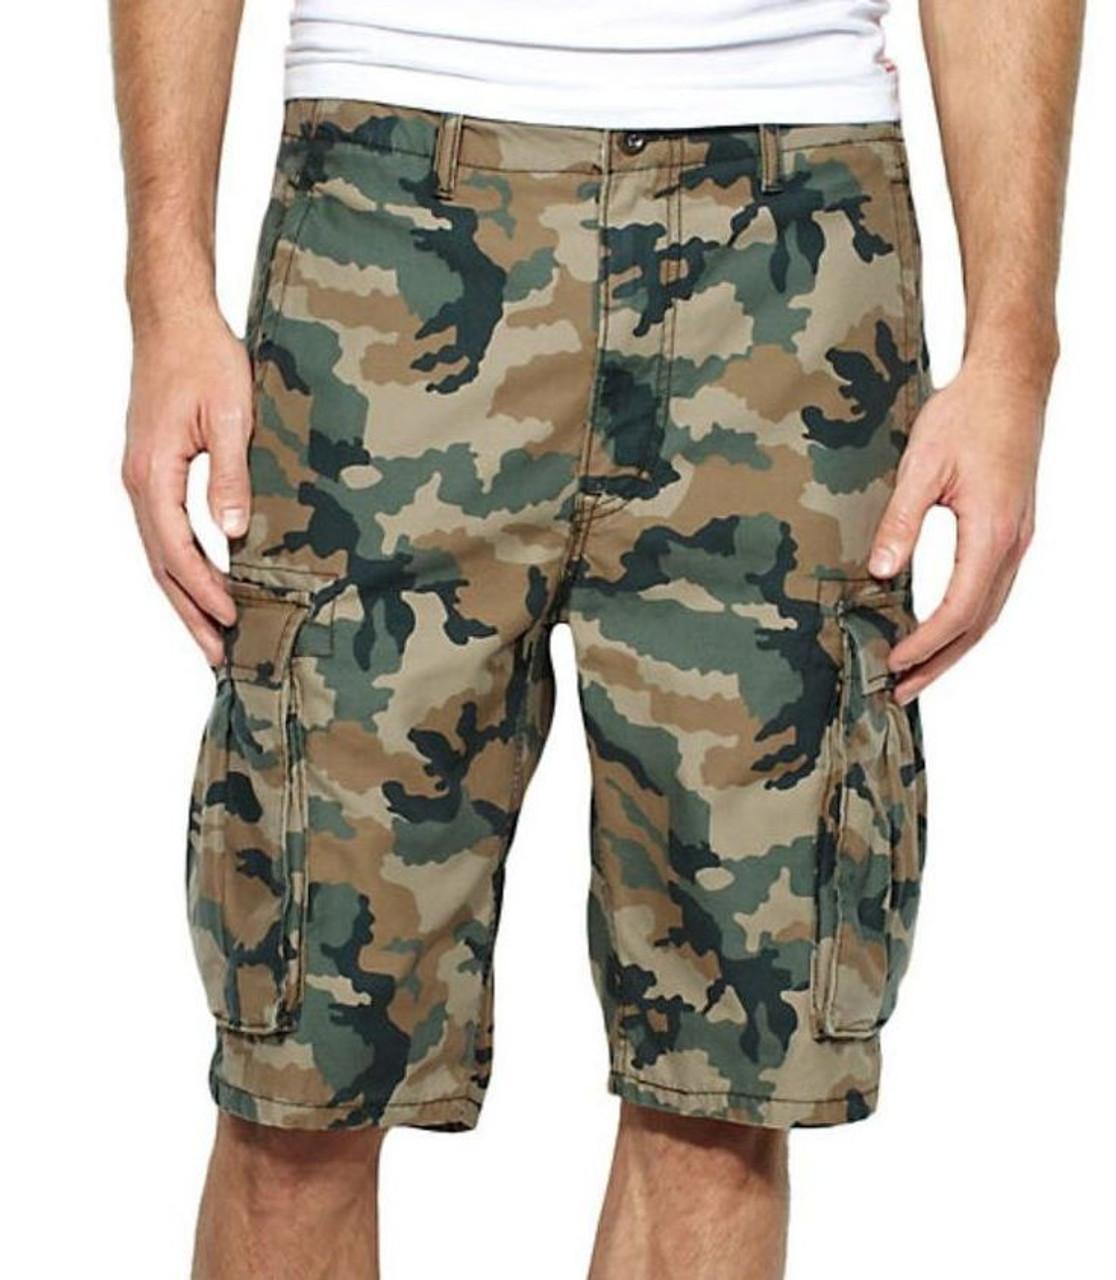 1d11de5acd levis-ace-man-relaxed-fit-cargo-shorts -green-camo-brown__00821.1536837561.jpg?c=2?imbypass=on